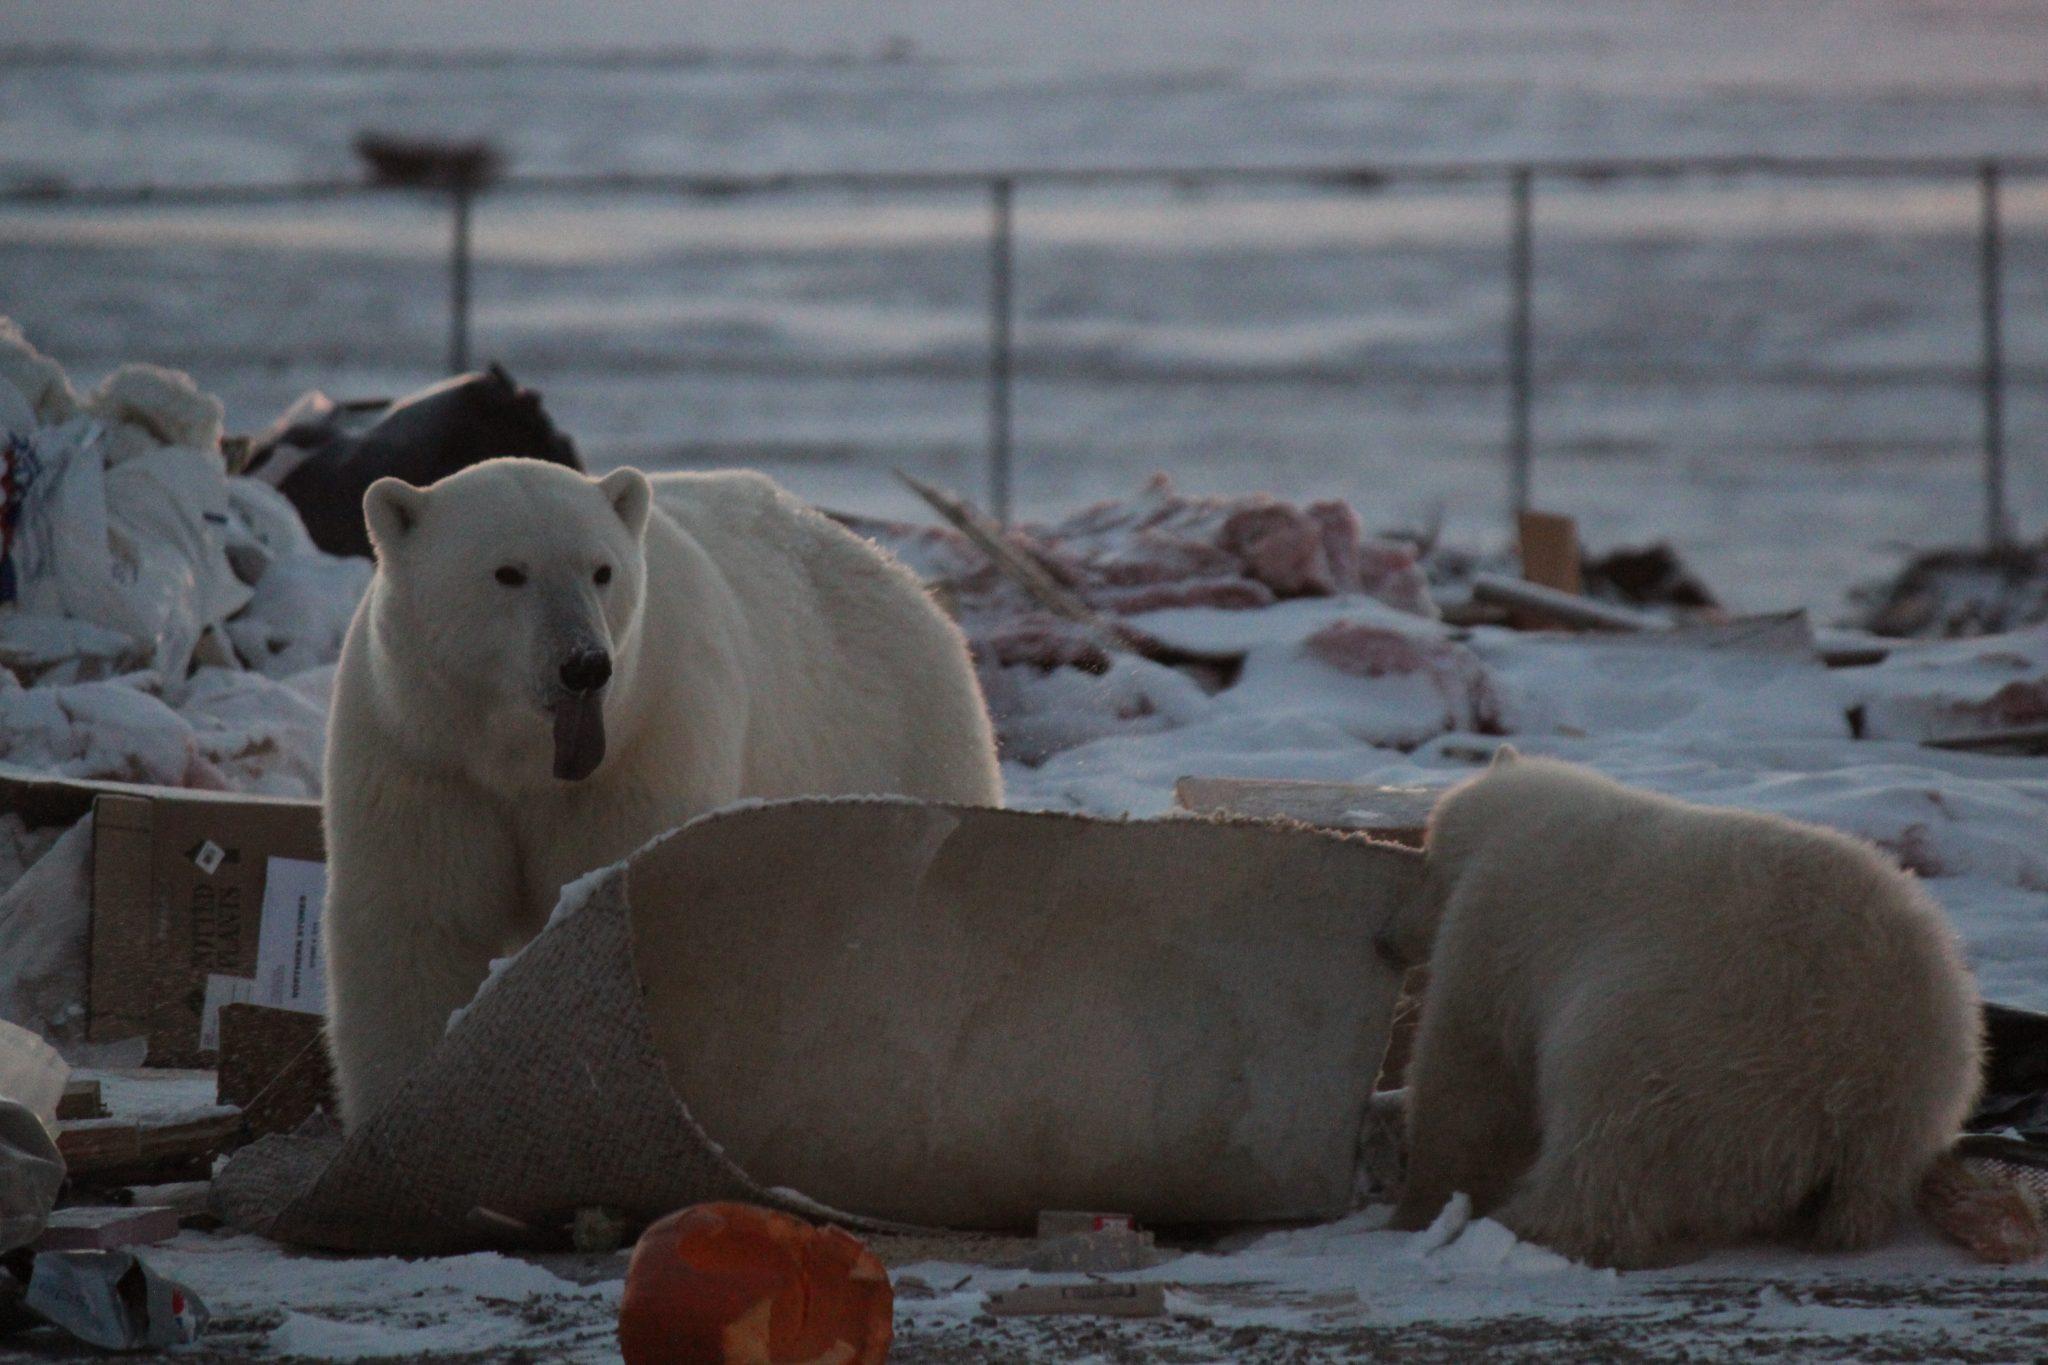 Eisbären in Chruchill, Kanada © Sybille Klenzendorf / WWF